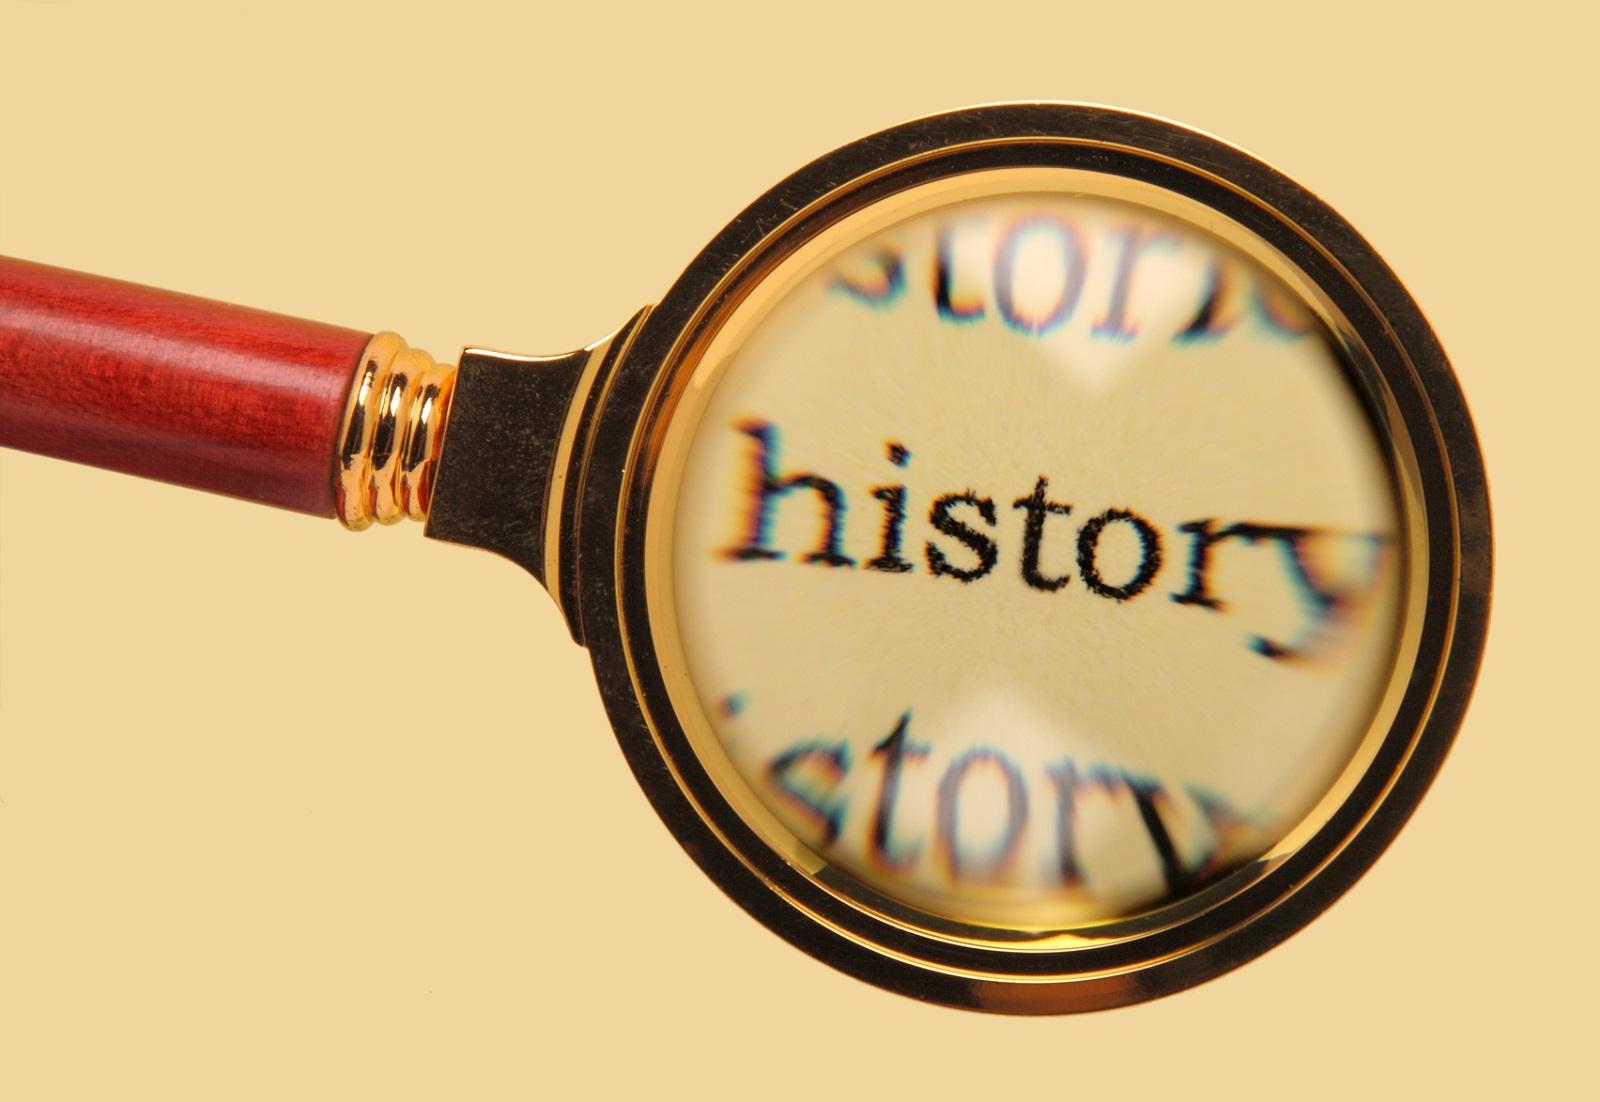 圣彼得堡国立大学本科专业《比较历史语言学(英文授课)》详细介绍!插图-小狮座俄罗斯留学